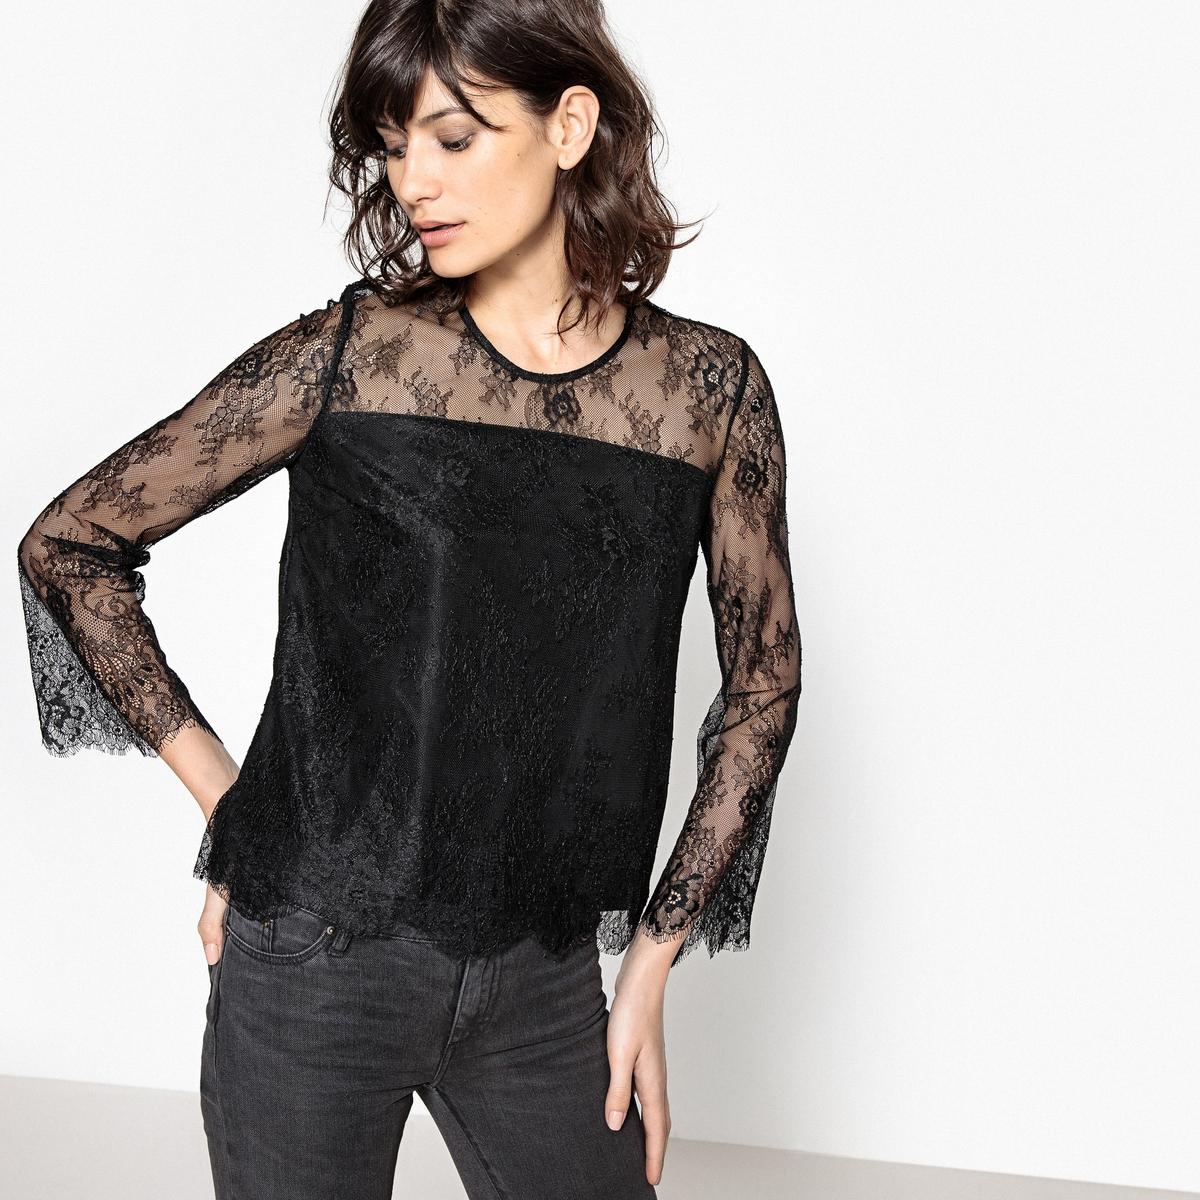 Kleidung & Accessoires Emporio Armani Gr.38 100%seide Jacke Blume Beige Zip Durable In Use Jacken, Mäntel & Westen